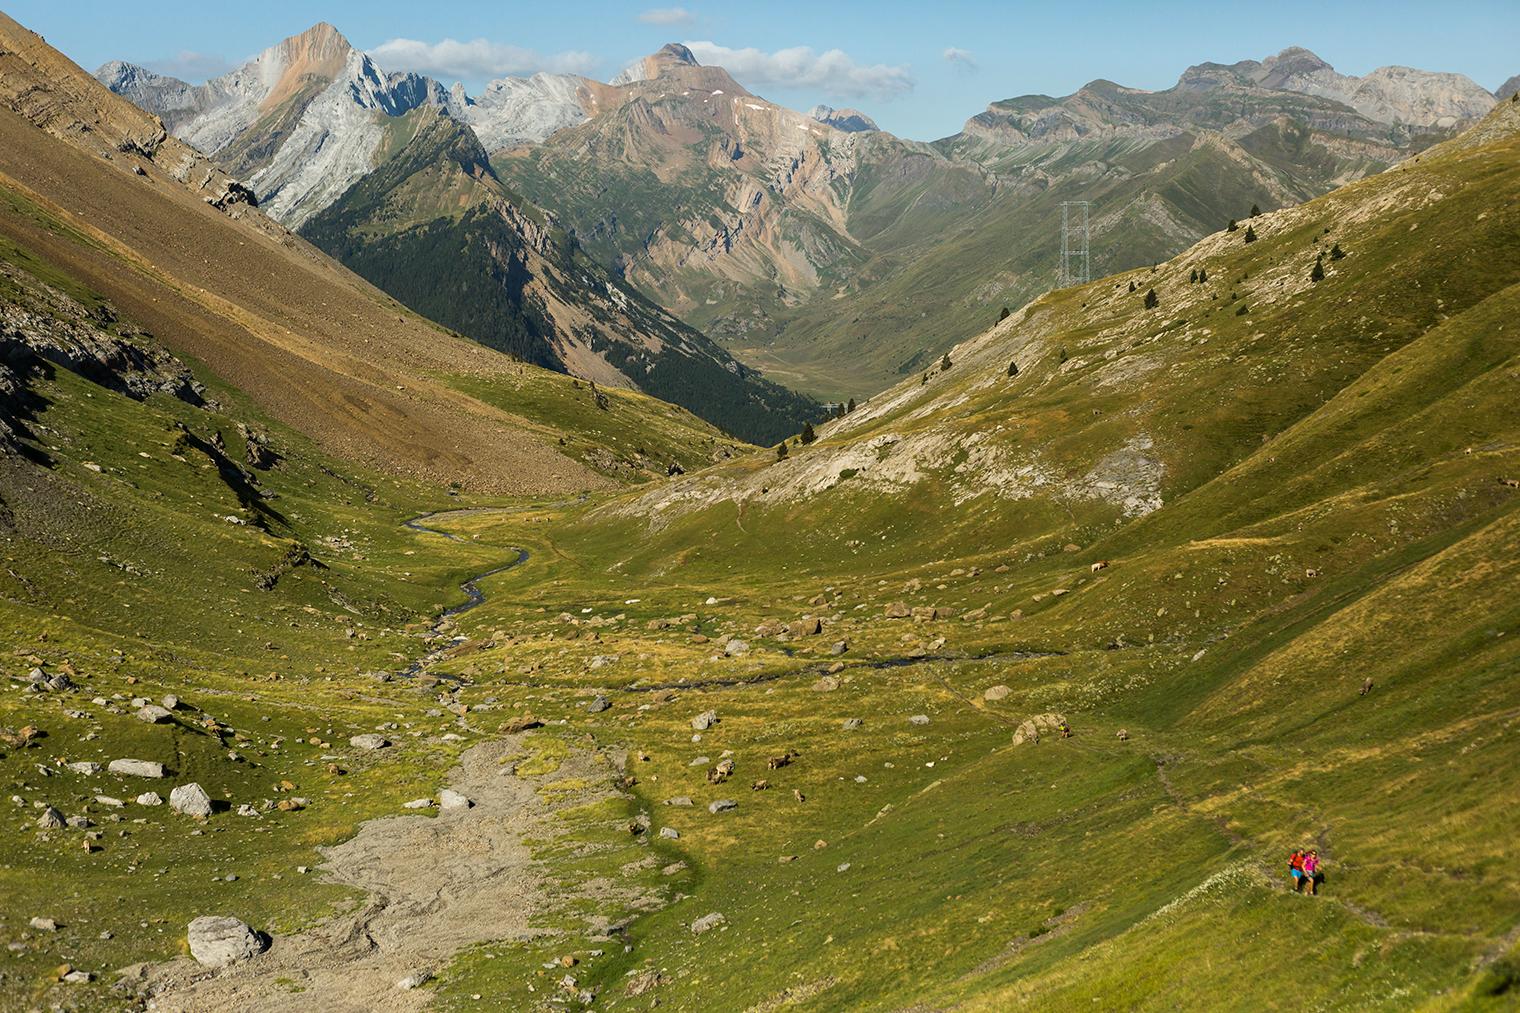 Dos ruteros recorriendo la ruta entre montañas